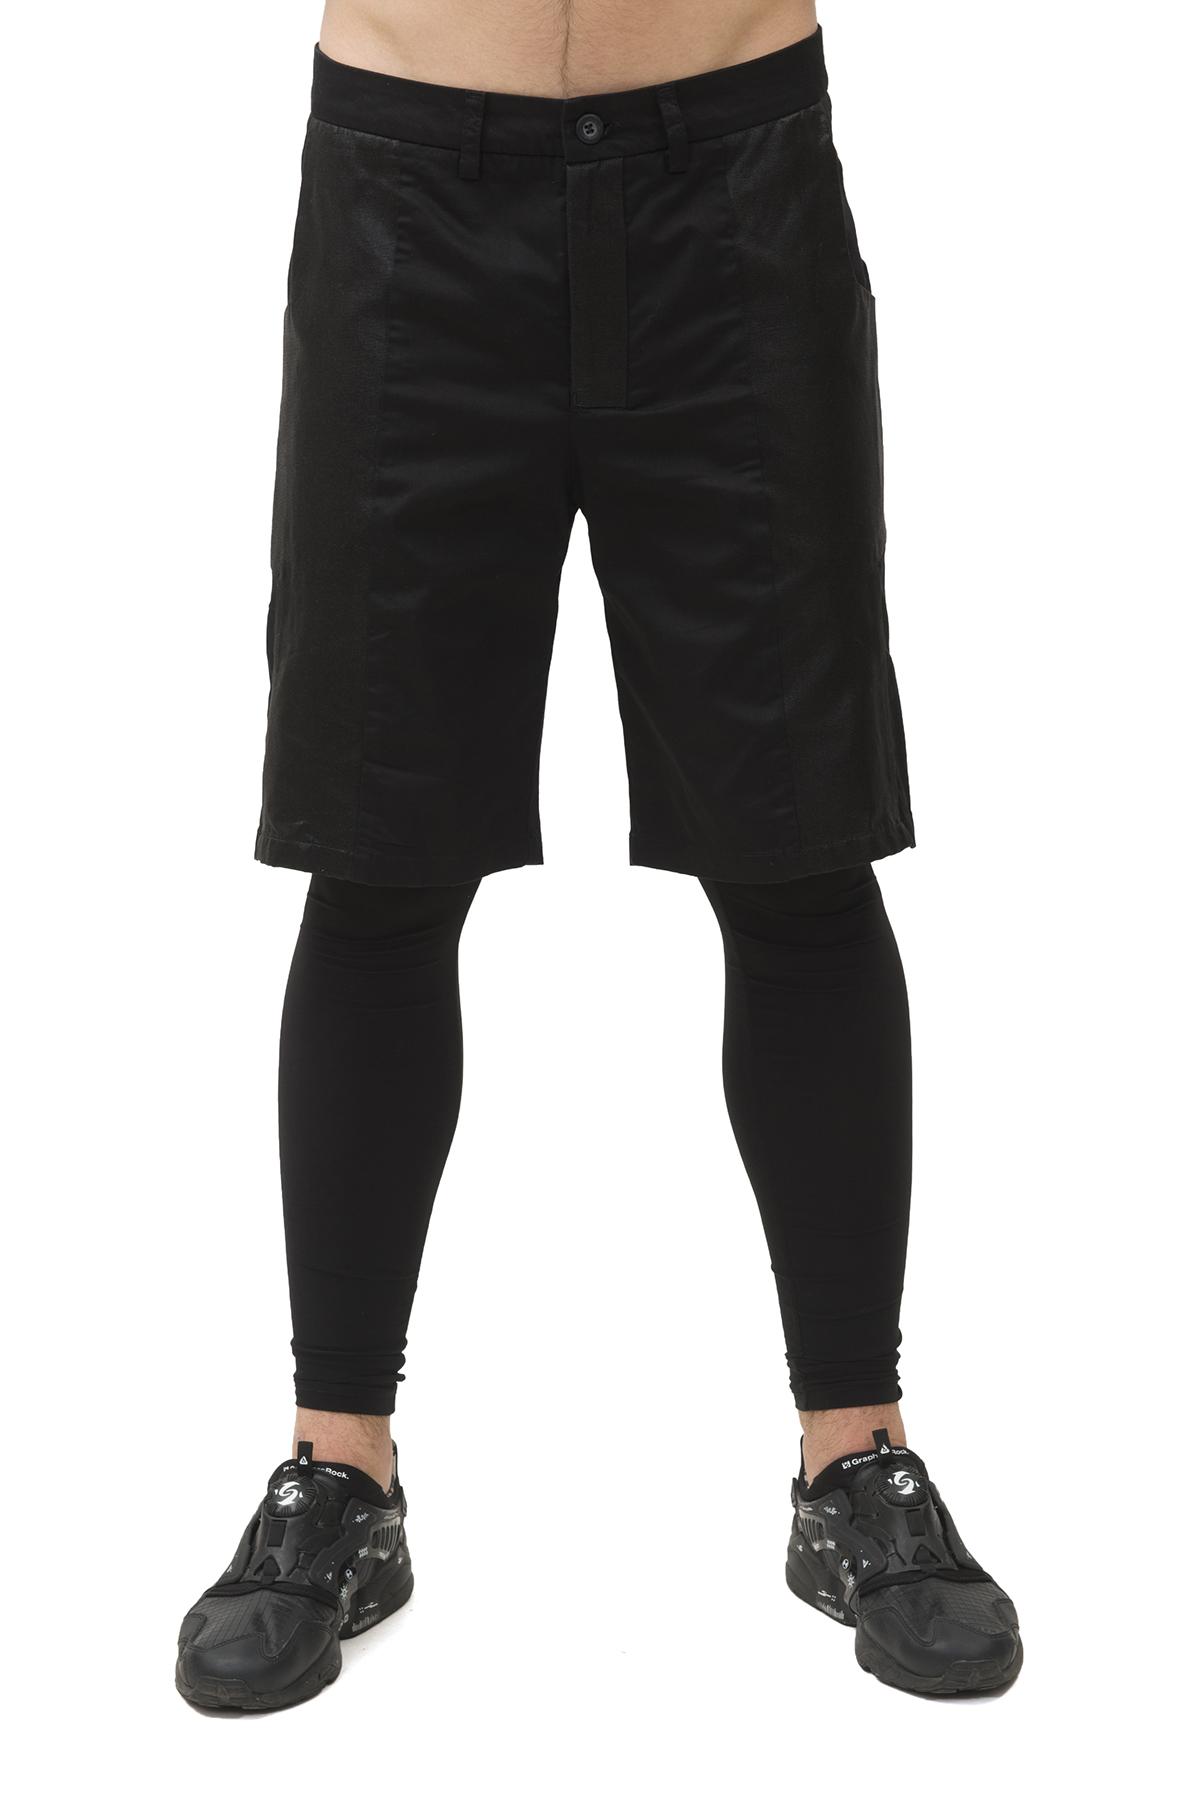 ШортыБрюки, джинсы, шорты от производителя<br>Шорты Pavel Yerokin выполнены из хлопкового текстиля различной фактуры. Особенности: зауженный крой, застежка на молнии и пуговице, 4 кармана, шлевки для ремня.<br><br>Цвет: черный<br>Состав: Материал 1 - Полиэстер - 97%, Эластан - 3%  Материал 2 - Хлопок - 58%, Лен - 32%, Резина - 10%<br>Размер: 44,46,48,50<br>Страна дизайна: Россия<br>Страна производства: Россия